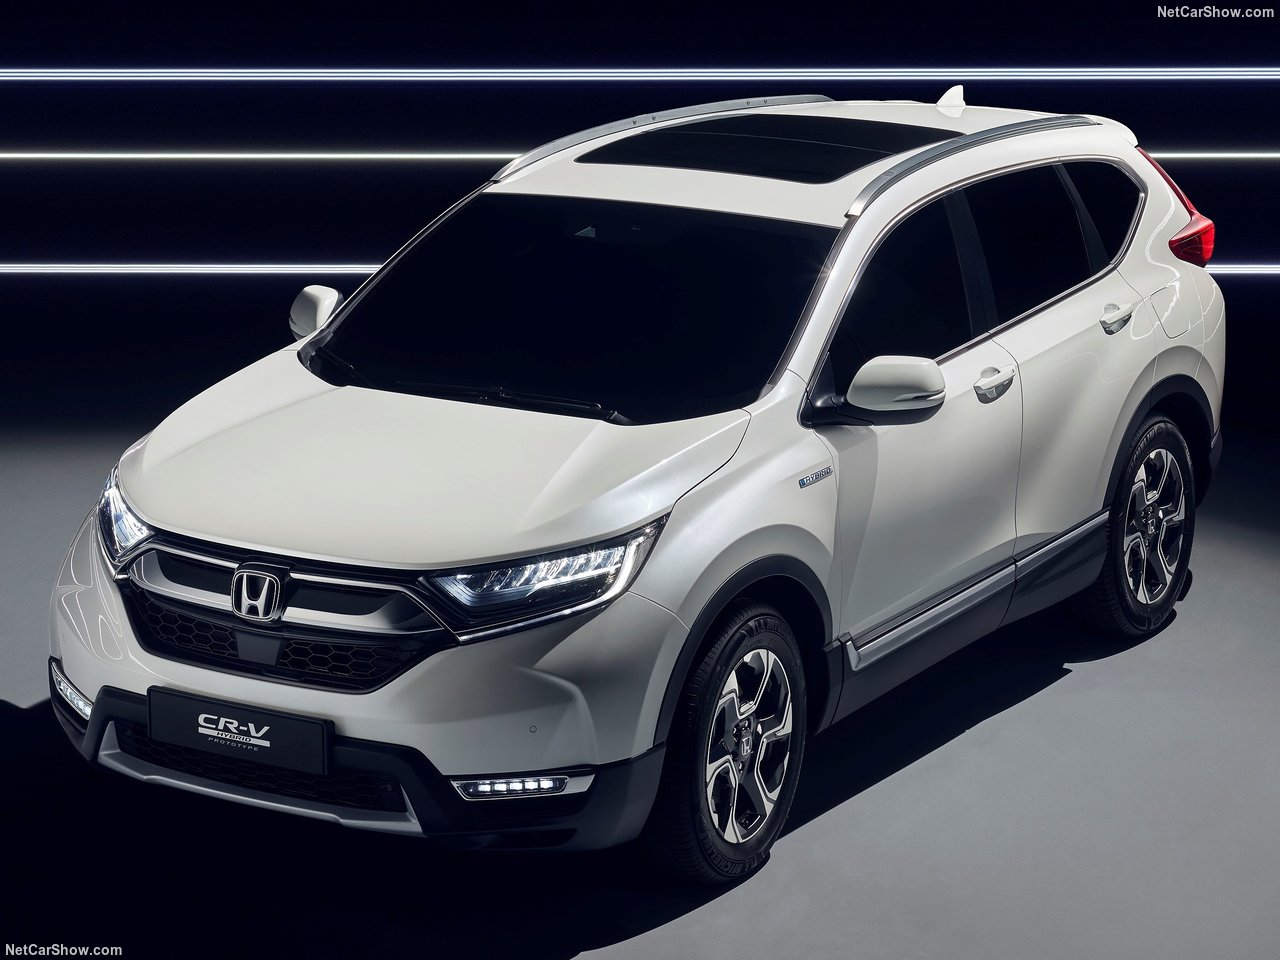 Honda-CR-V_Hybrid_Concept-2017-1280-01.jpg